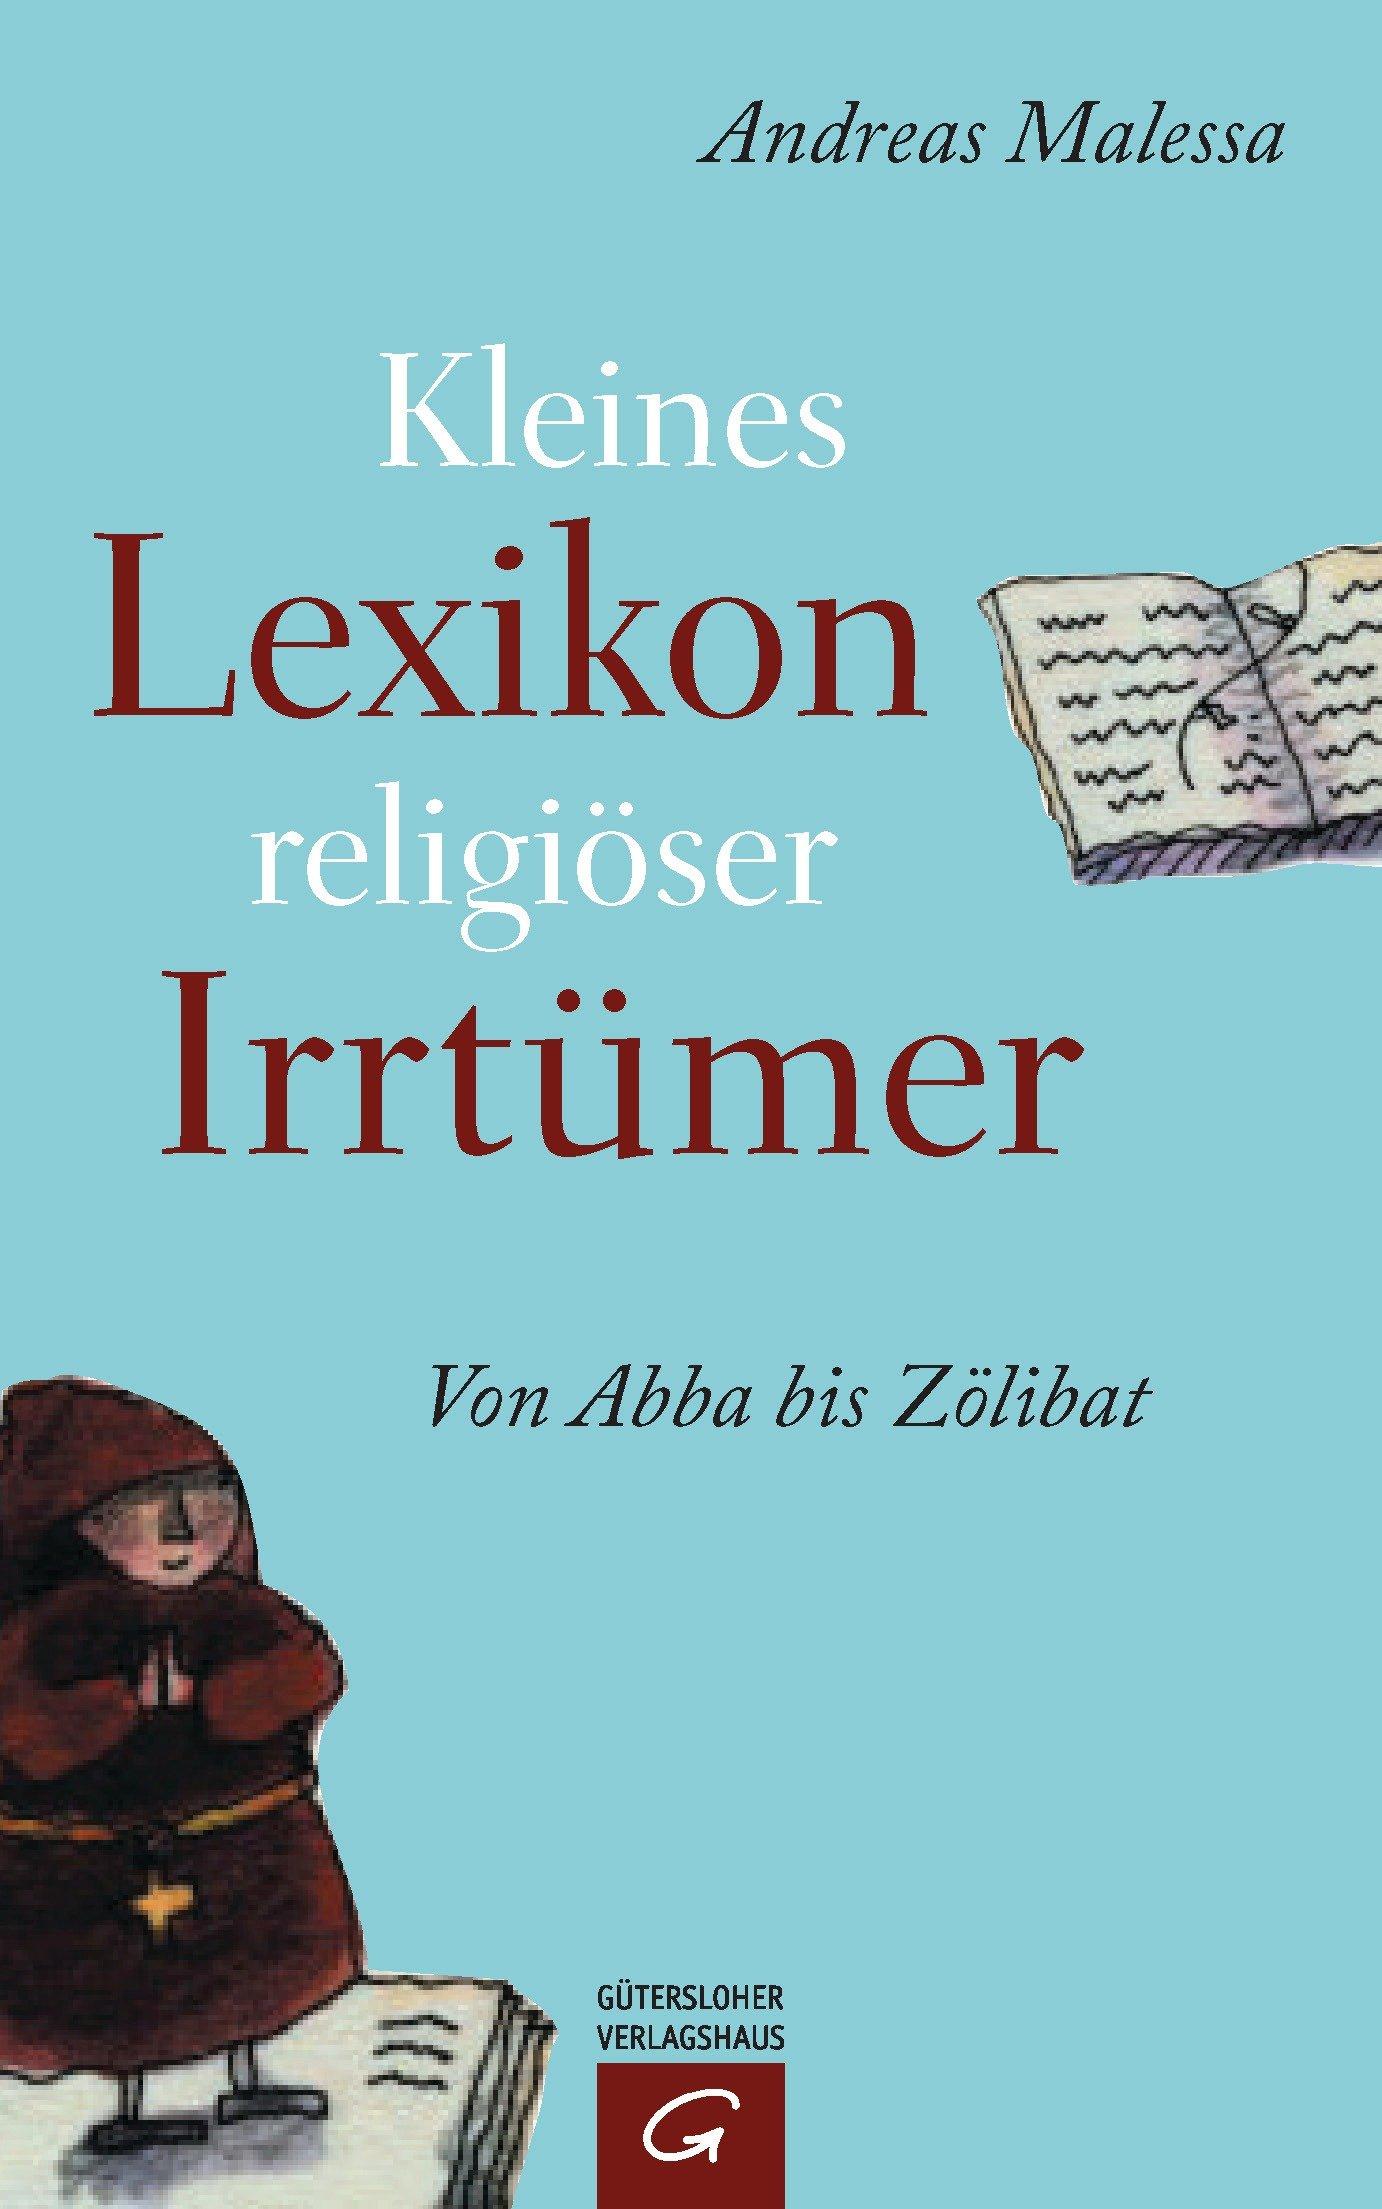 Kleines Lexikon religiöser Irrtümer: Von Abba bis Zölibat